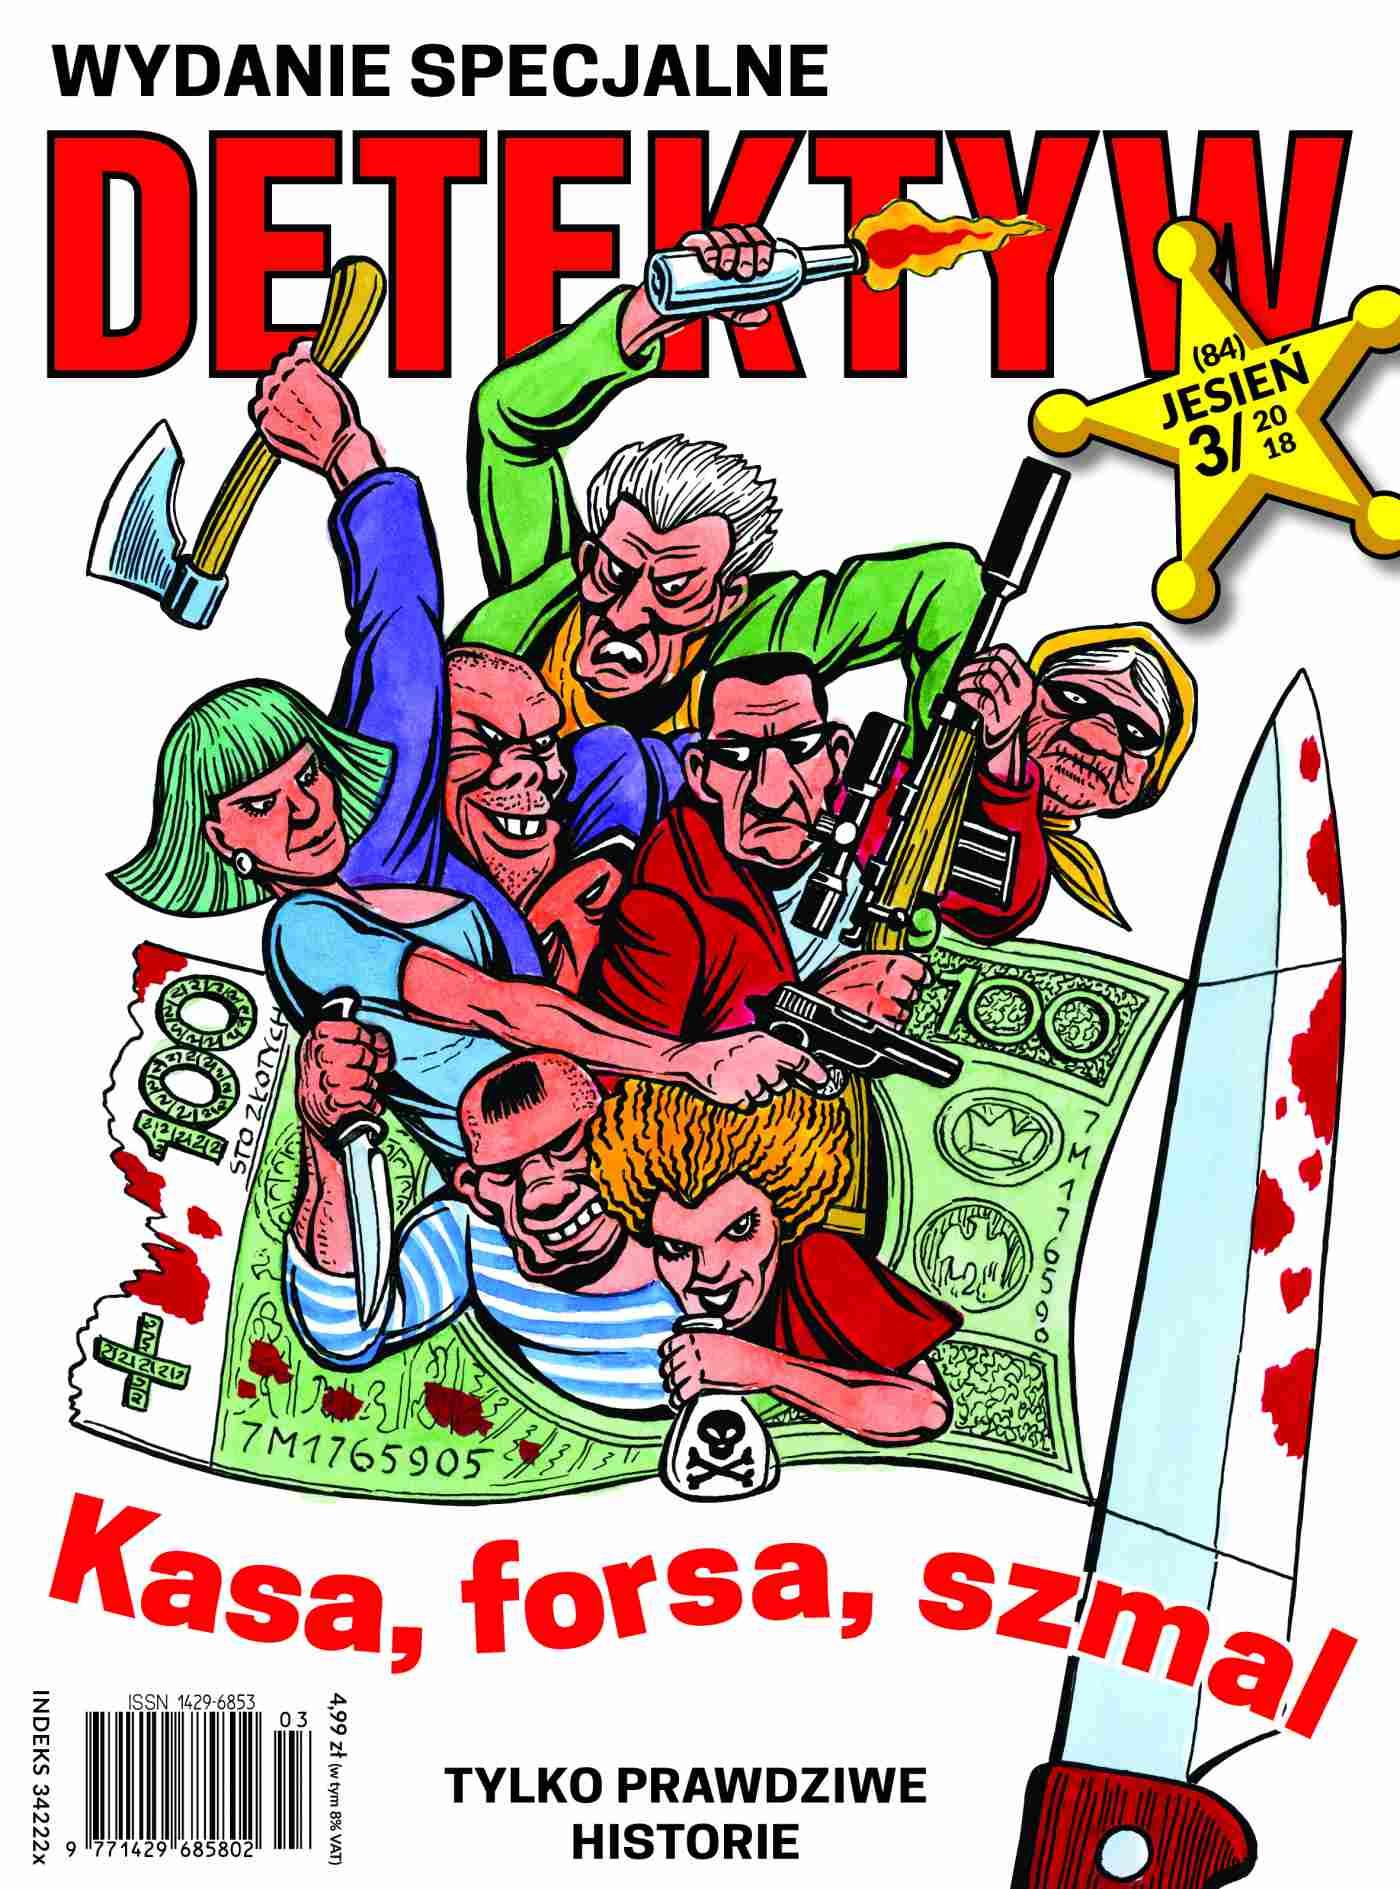 Detektyw Wydanie Specjalne 3/2018 - Ebook (Książka PDF) do pobrania w formacie PDF